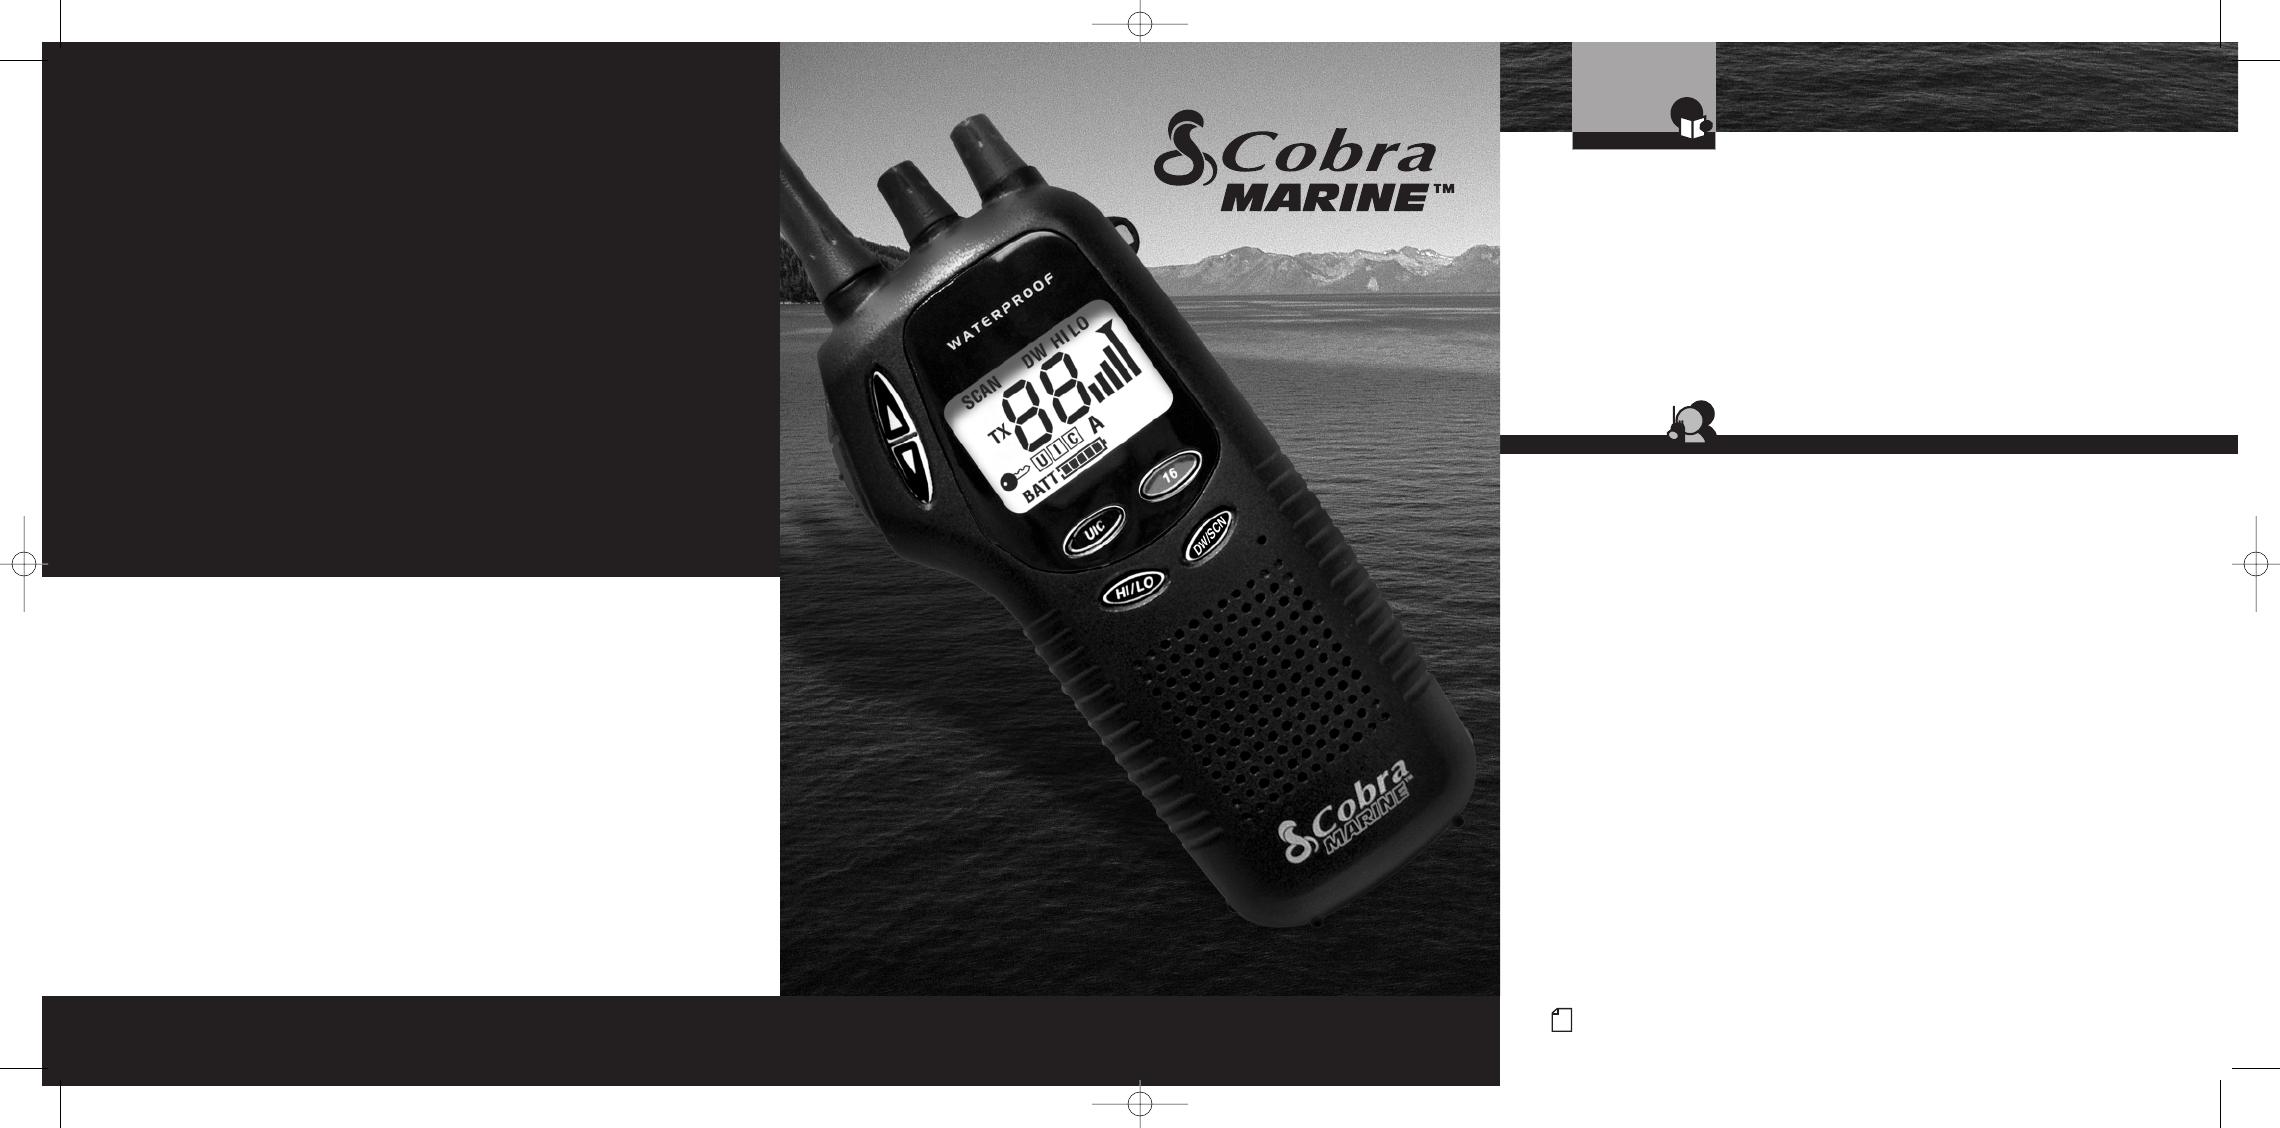 cobra electronics marine radio mr hh300 eu user guide rh marine manualsonline com cobra marine radio hh350 manual cobra marine handheld radio manual